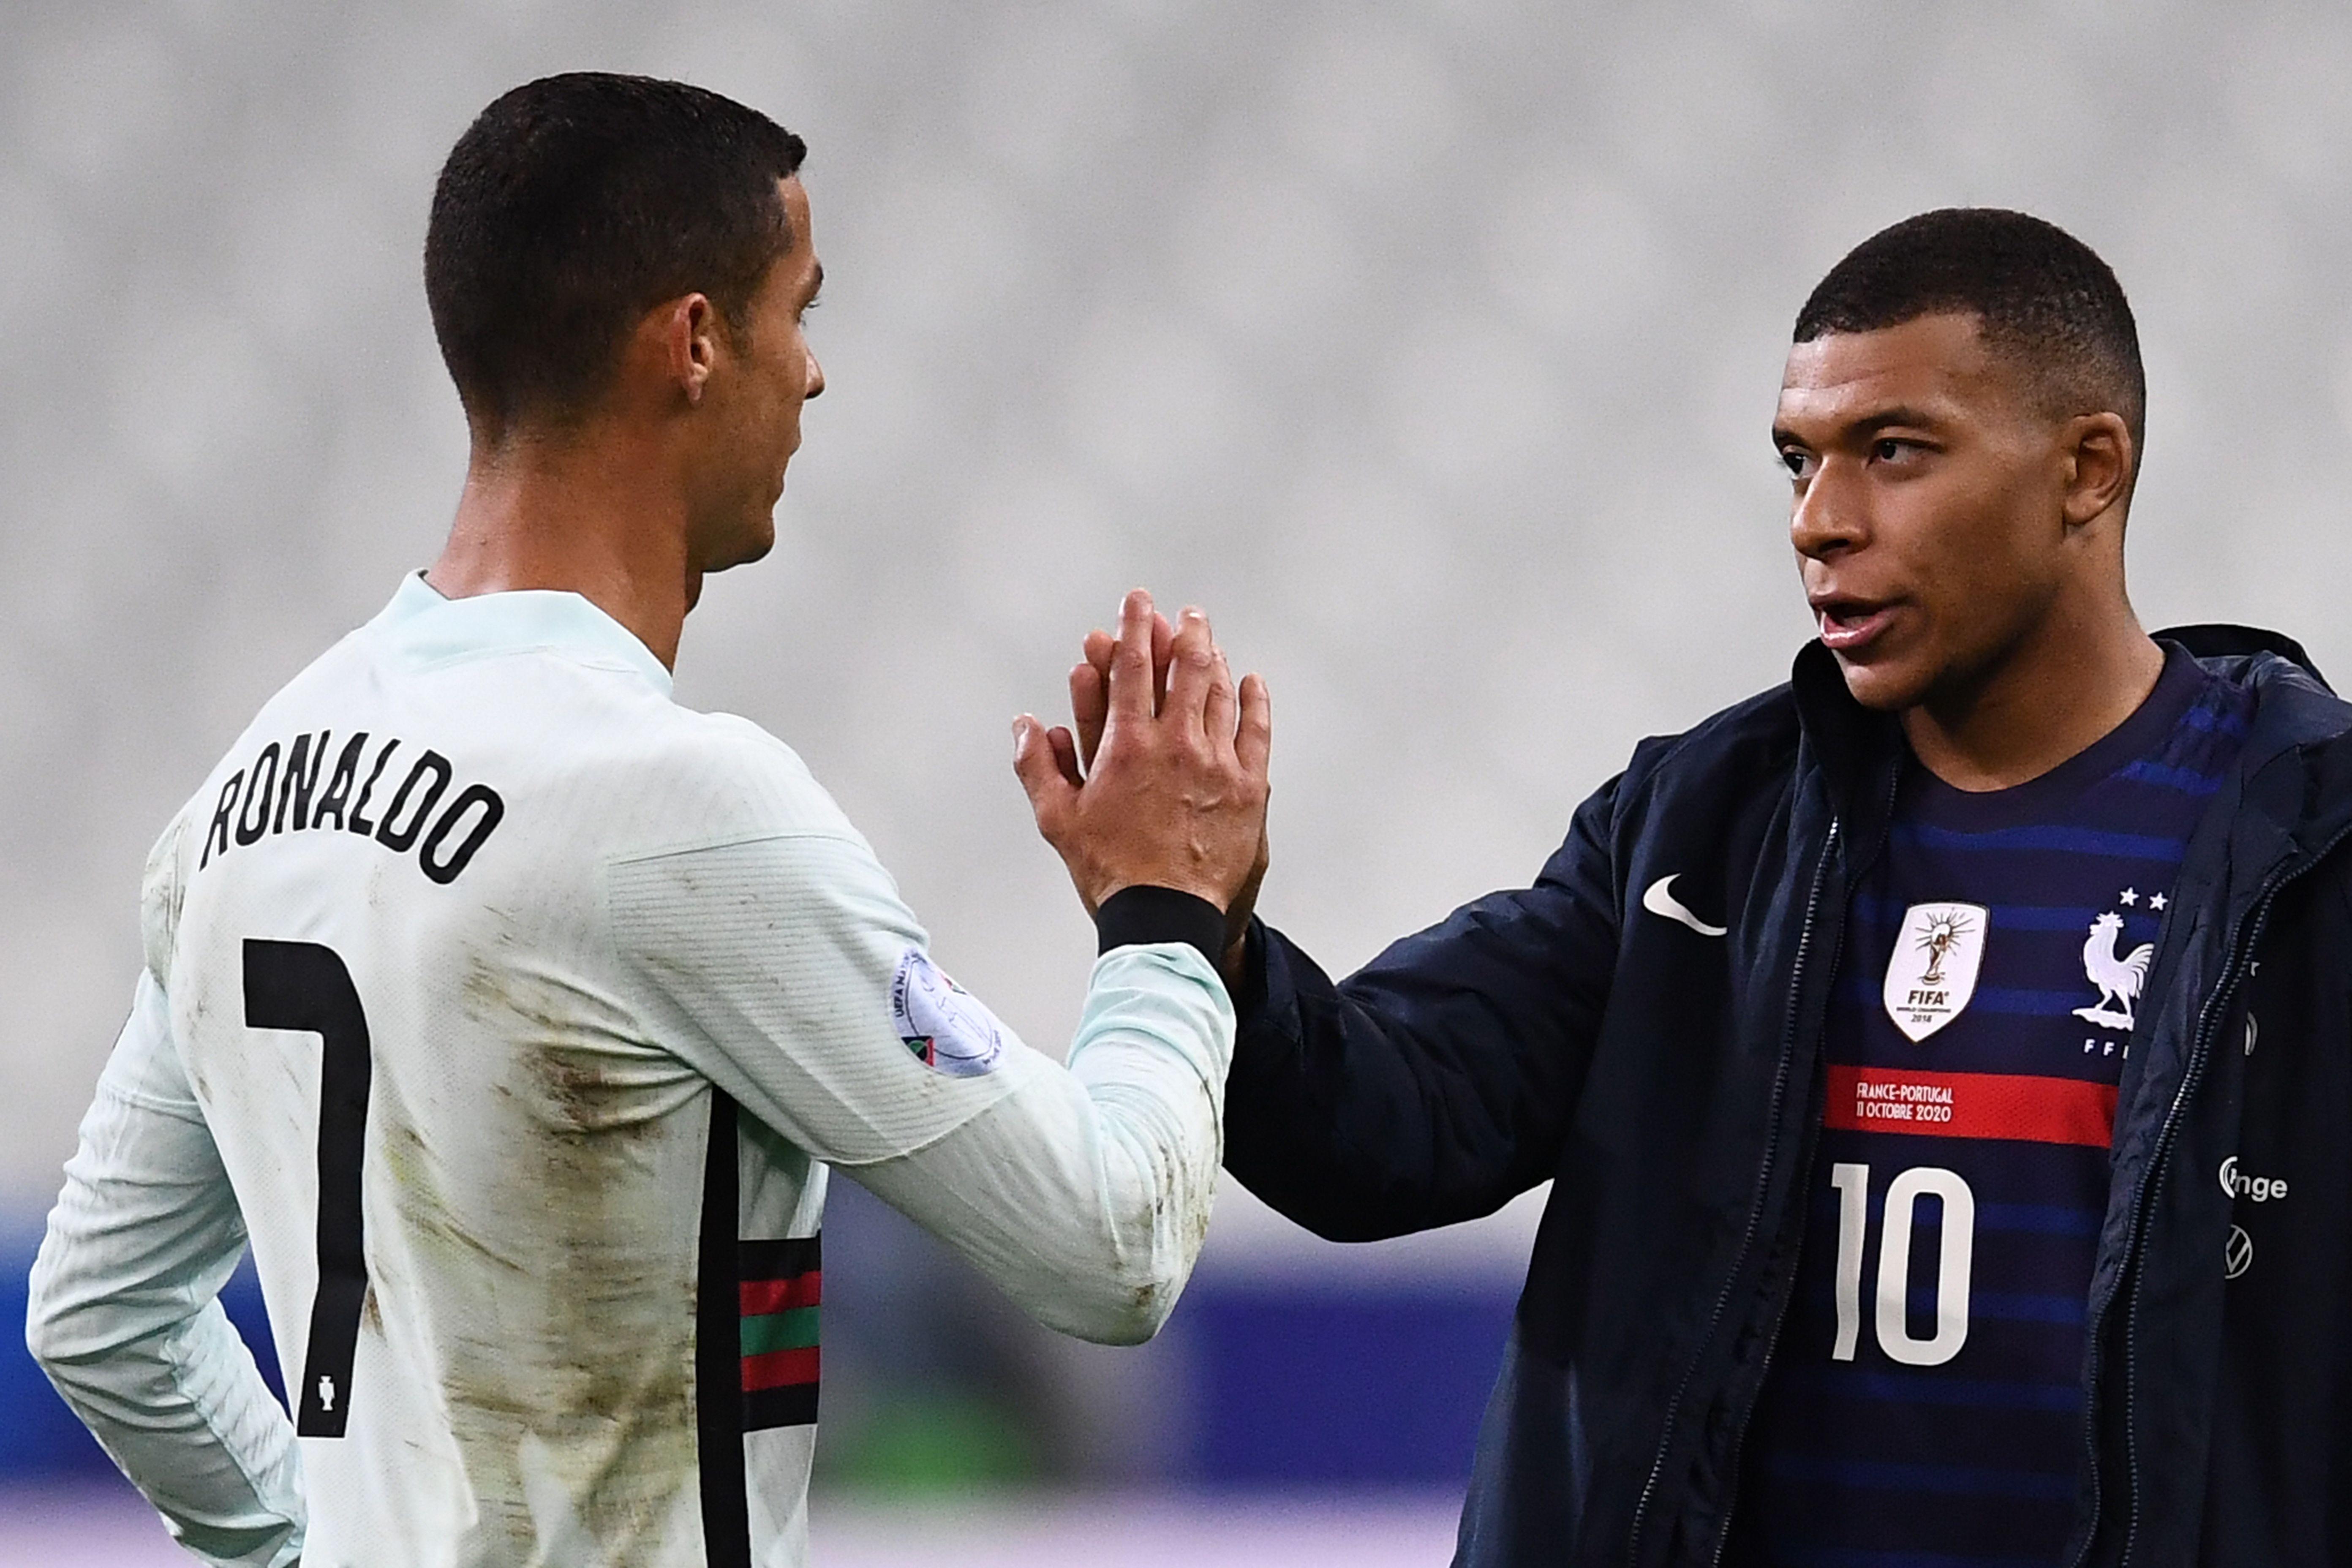 Ronaldo ส่งสัญญาณให้ คีลิอัน เอ็มบั๊ปเป้ เป็นหนึ่งในผู้เล่นที่น่าตื่นเต้นที่น่าจับตามองในวันนี้